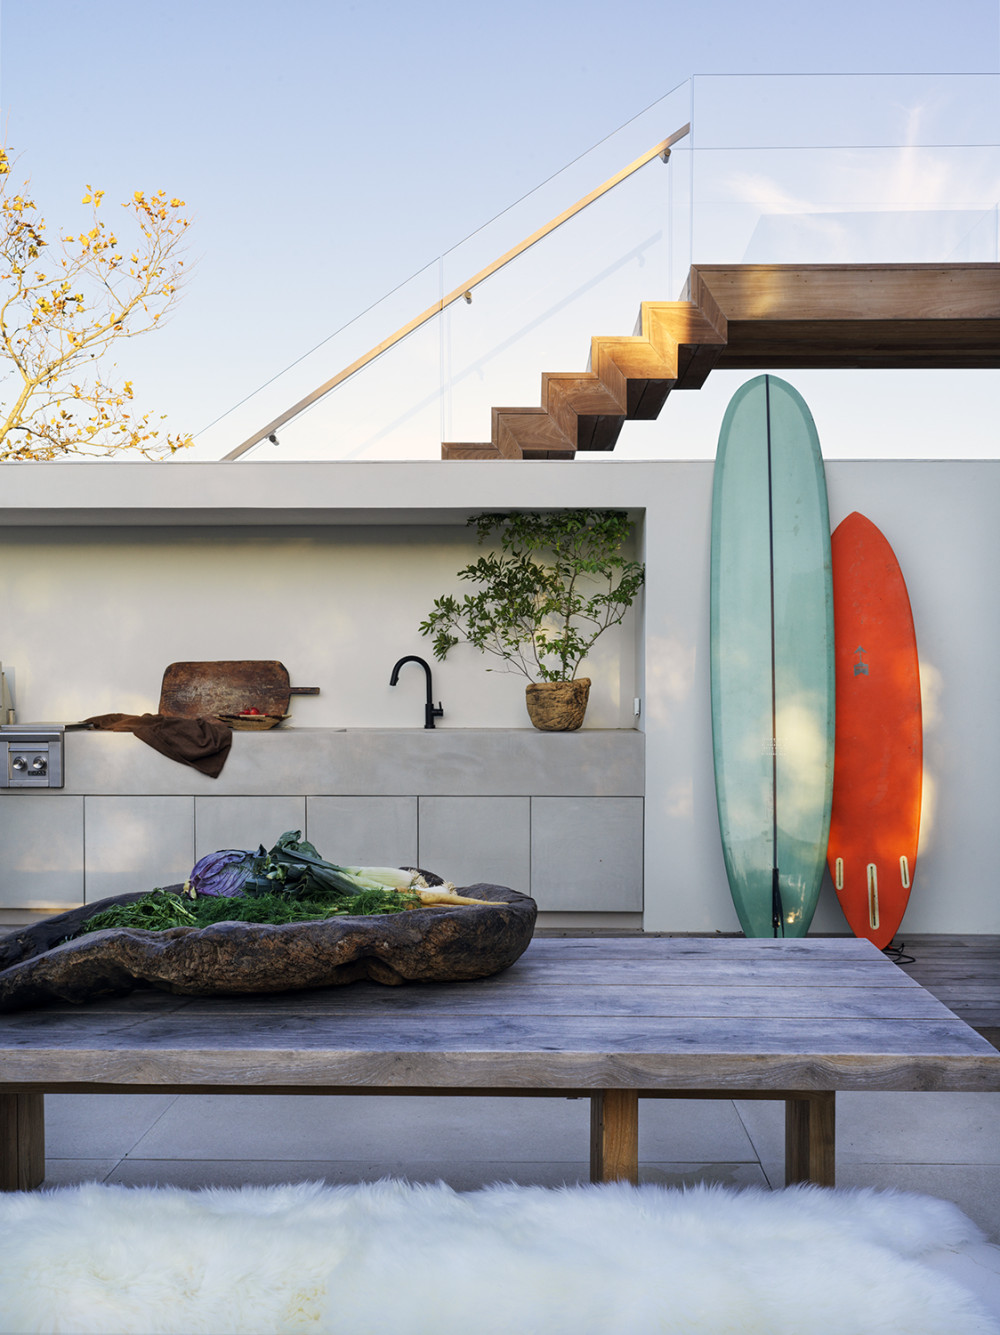 surfside-montauk-alexander-design-18.jpg